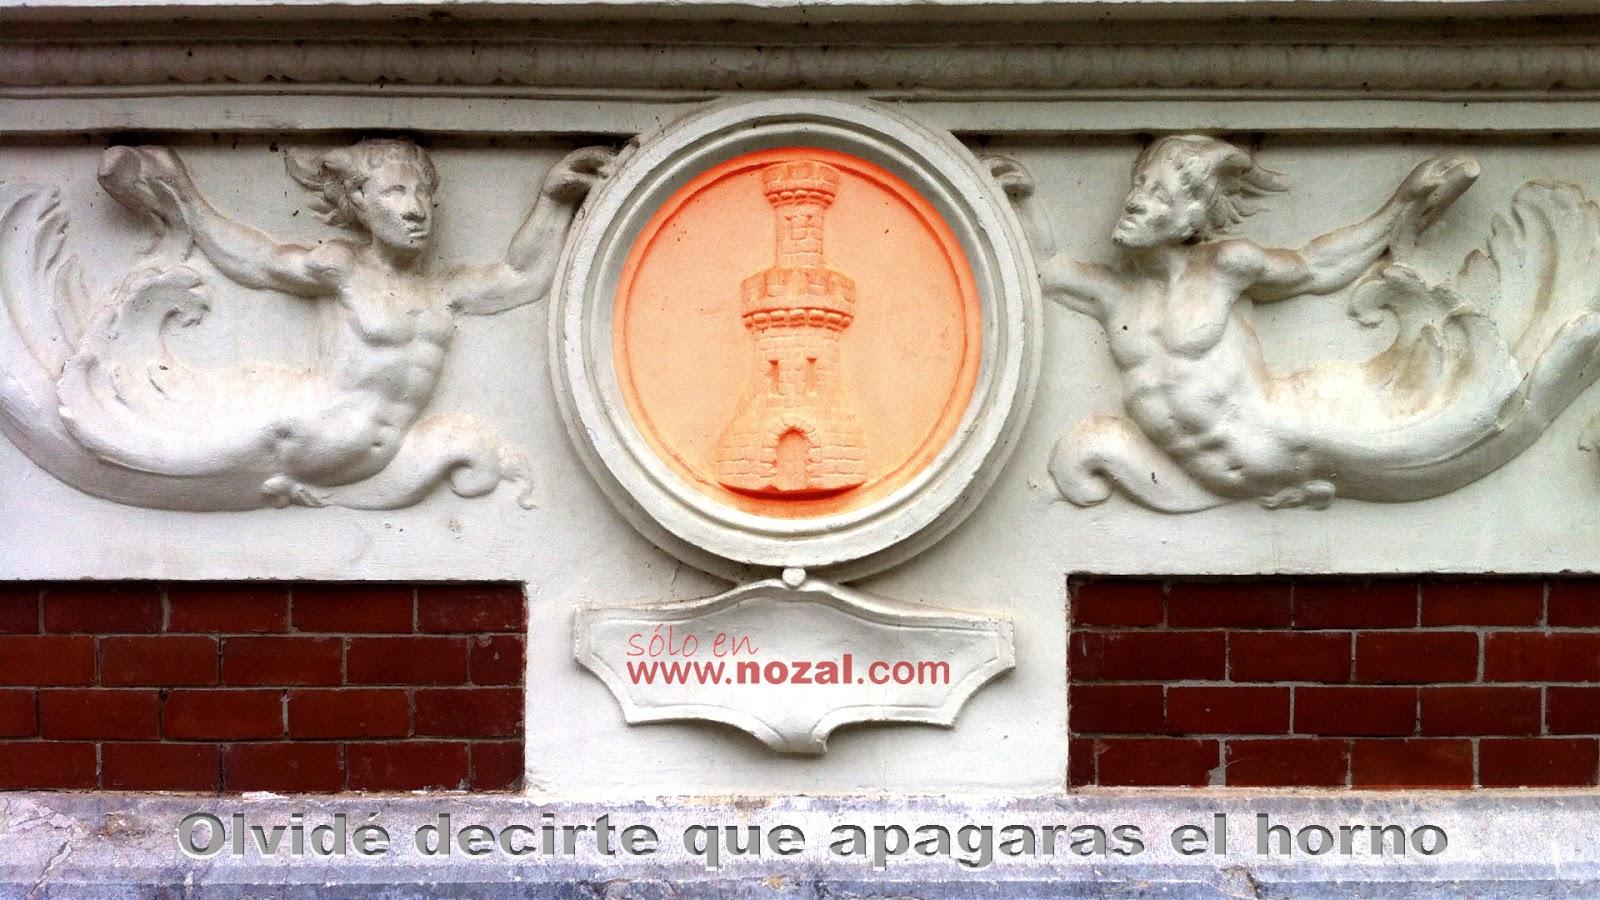 el quid de la novela, 2014 Abbé Nozal